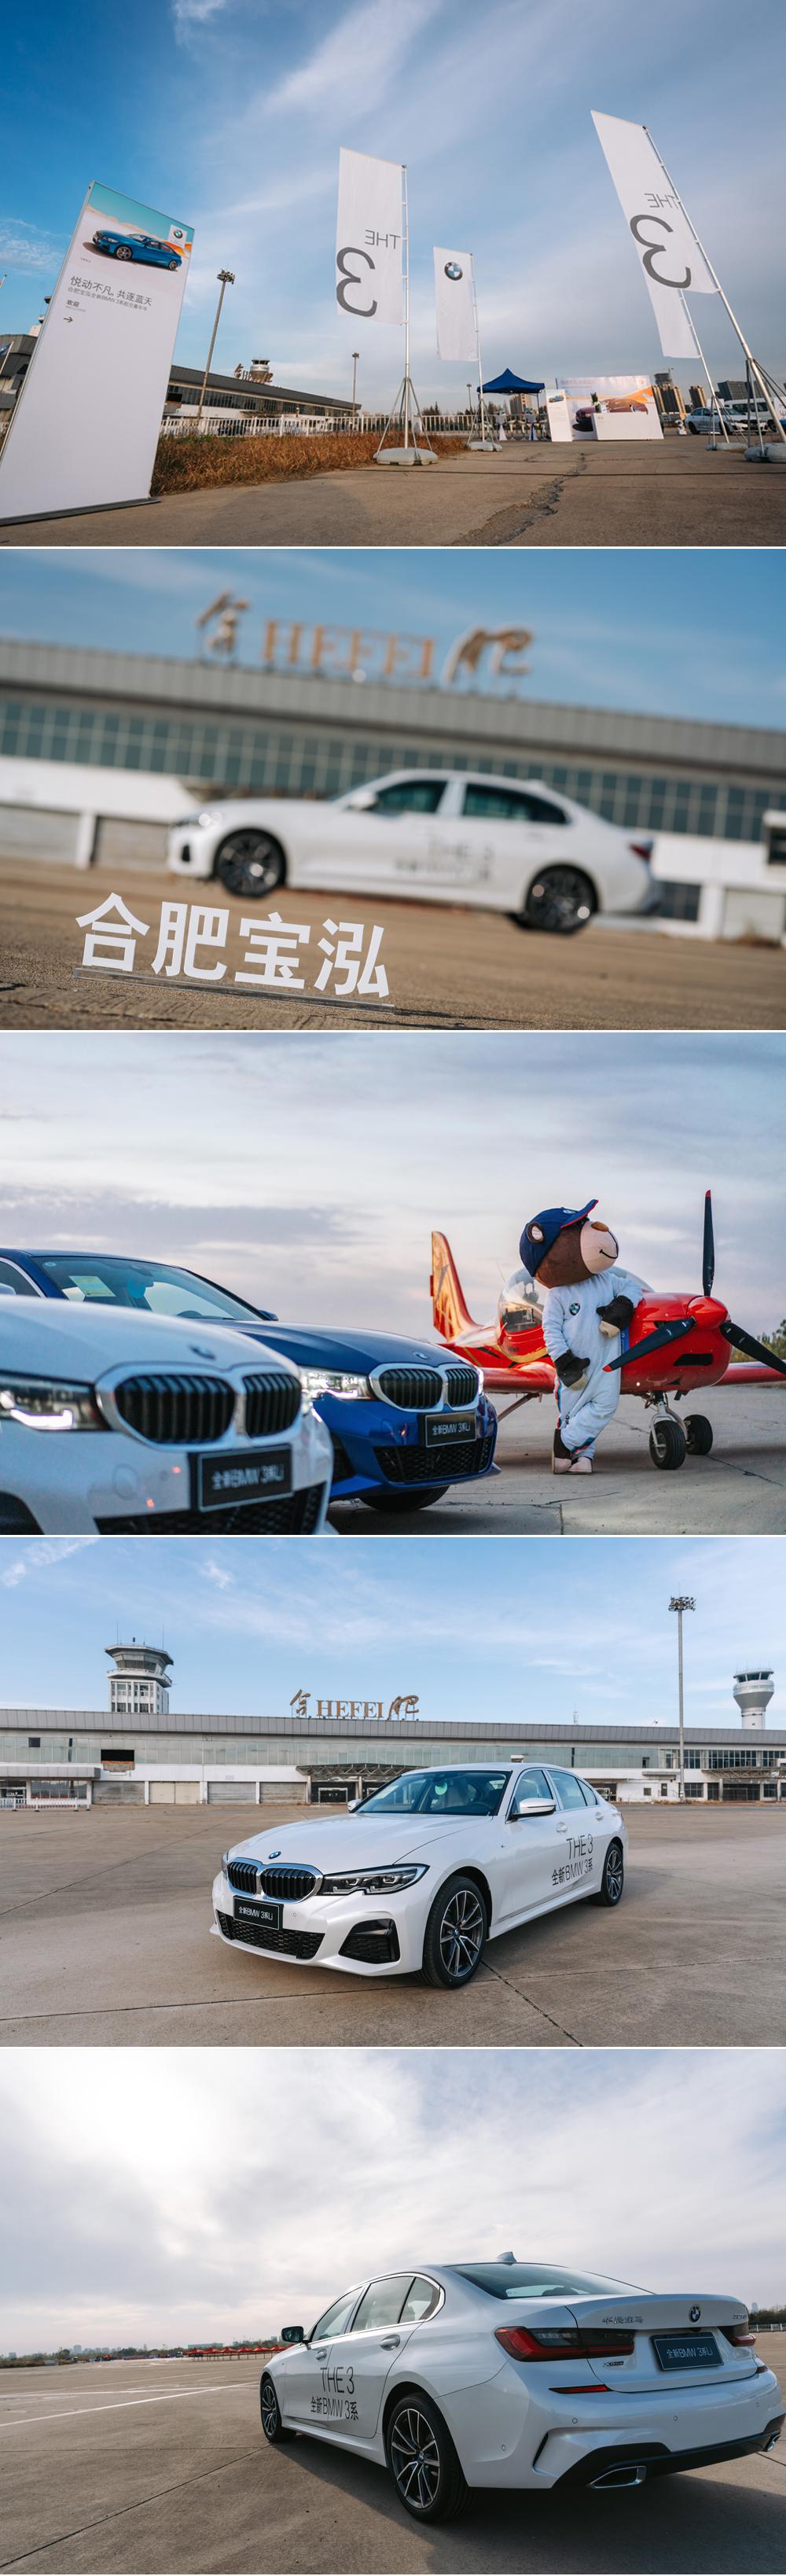 宝泓汽车销售新款3系发布会活动拍摄(图1)